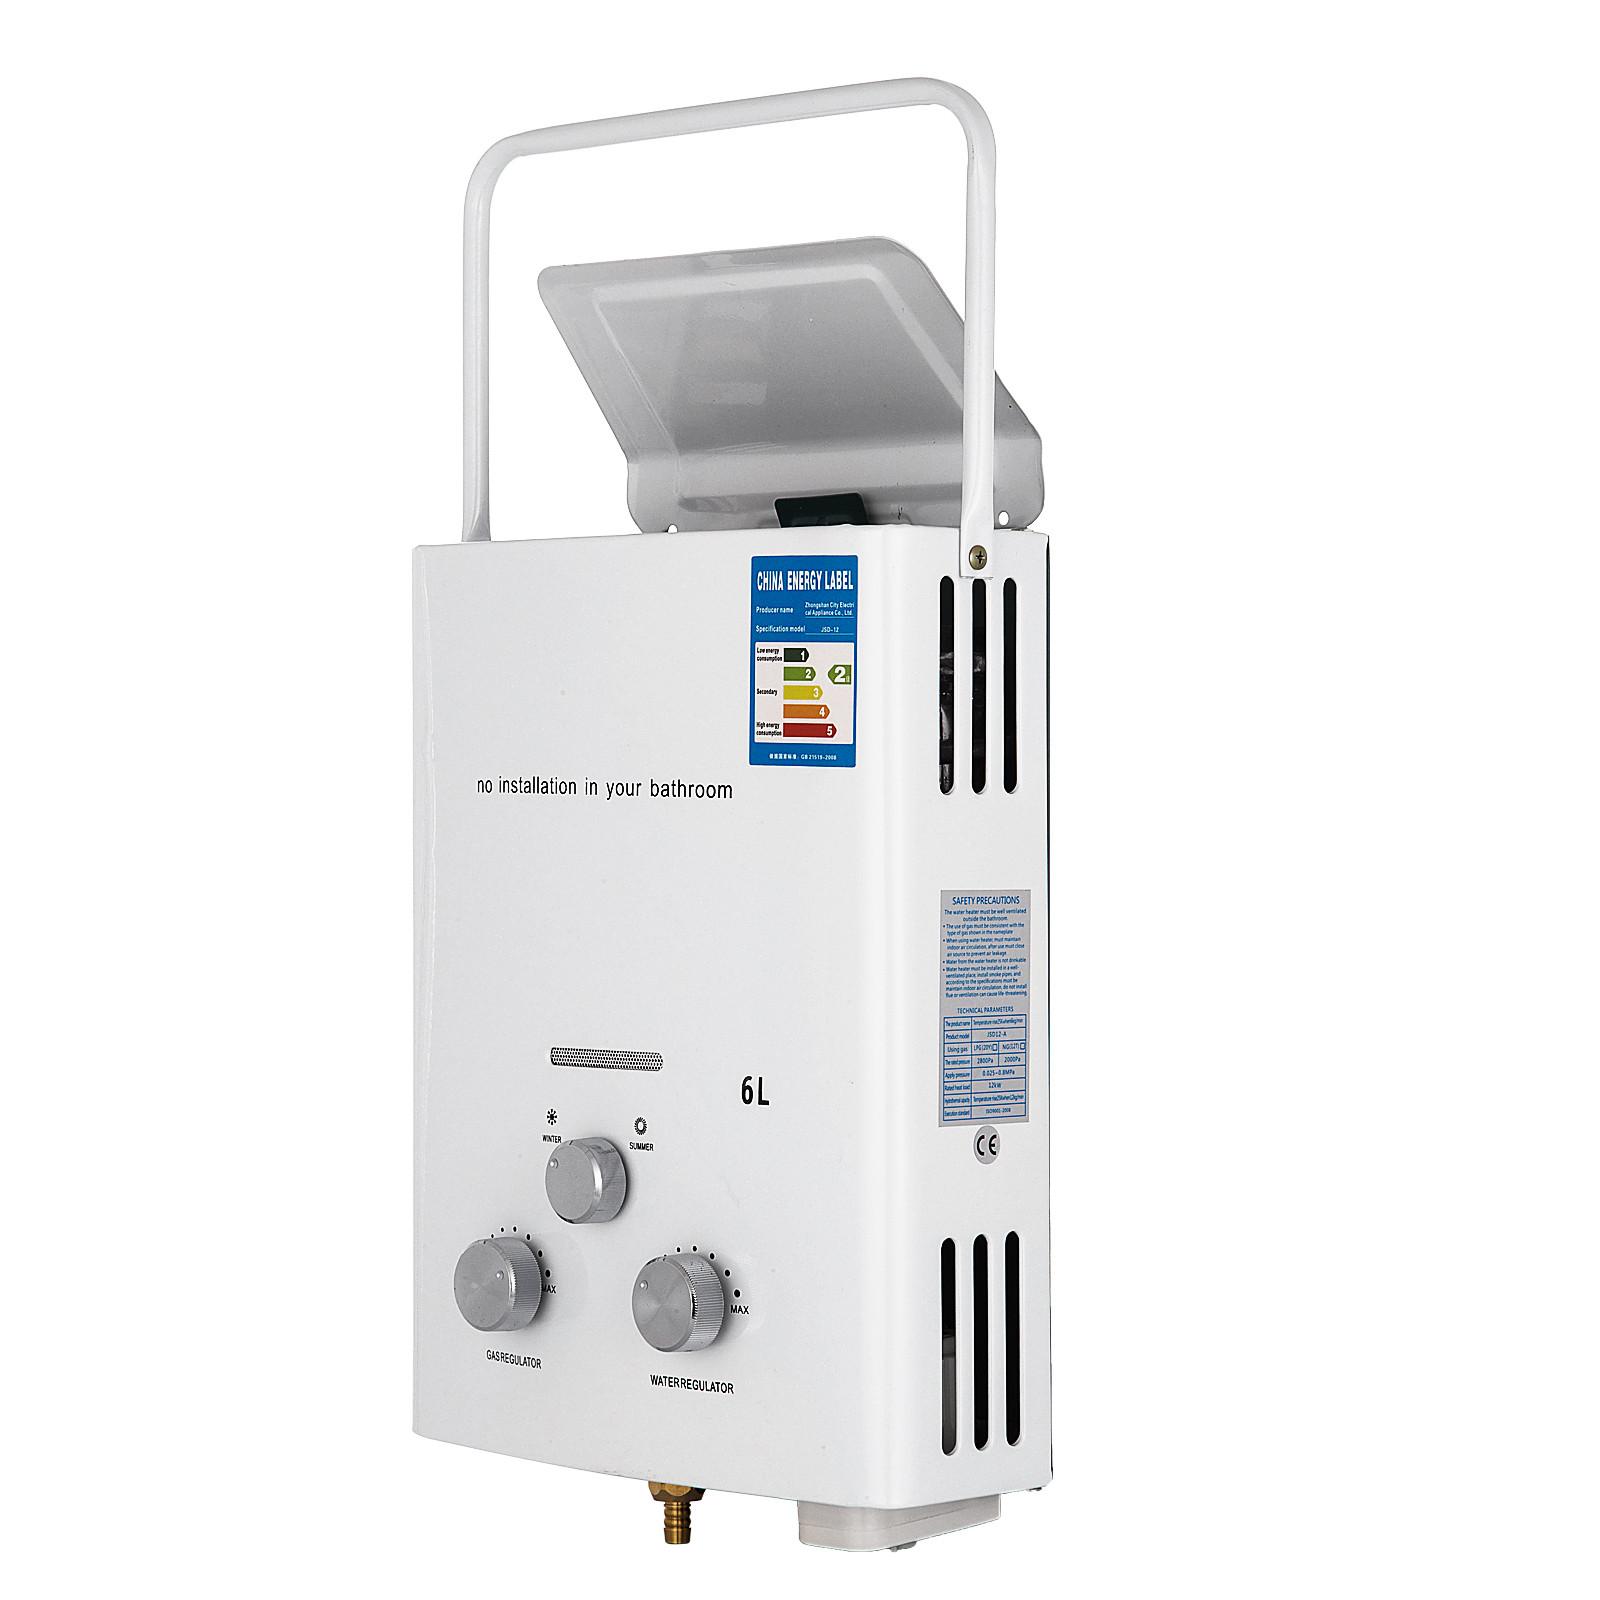 Propangas-Gas-Durchlauferhitzer-Warmwasserbereiter-Boiler-Warmwasserspeicher Indexbild 16